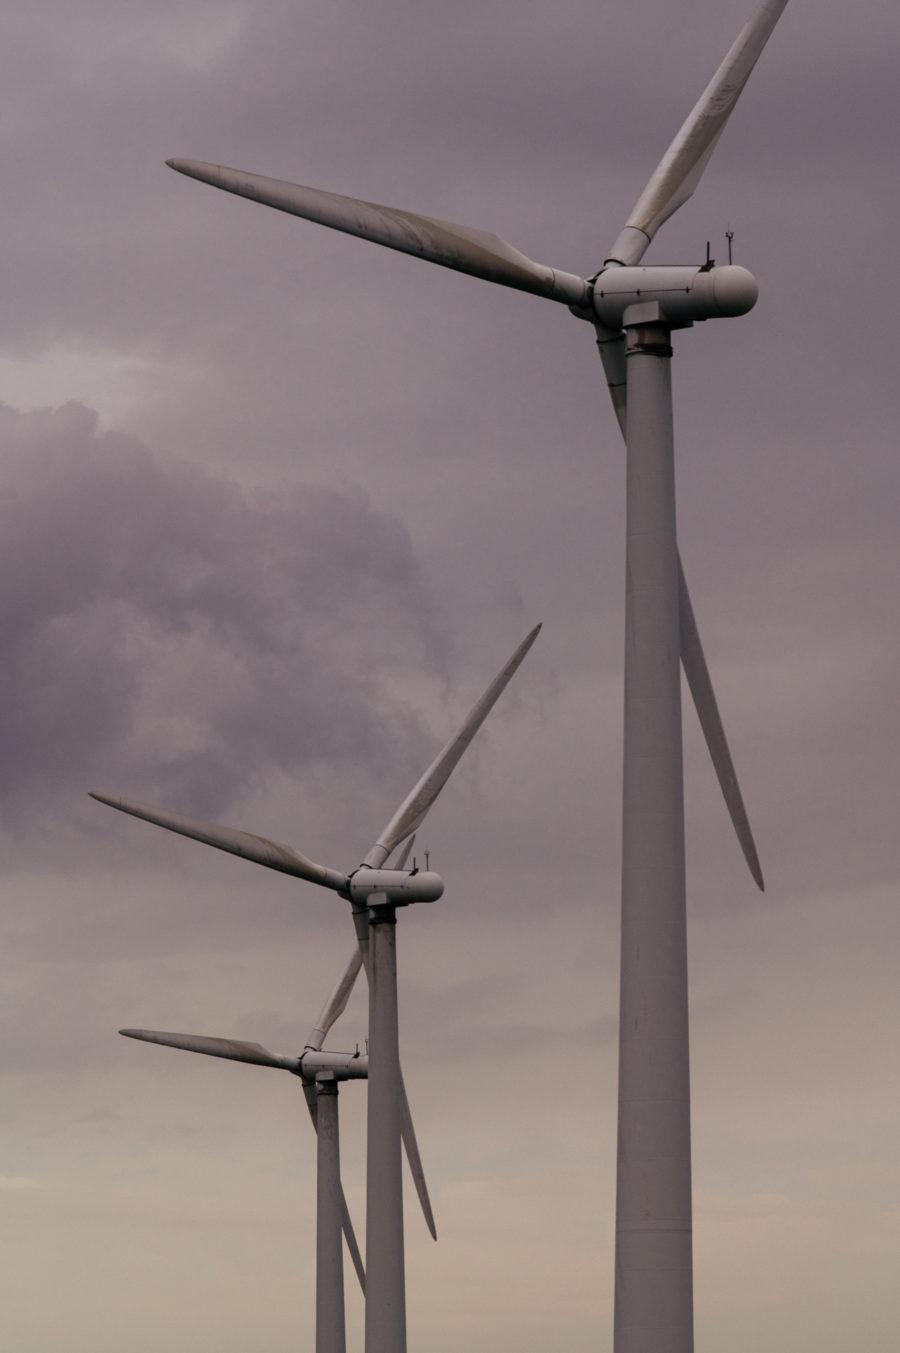 Øresund Wind Farm from Refshaleøen